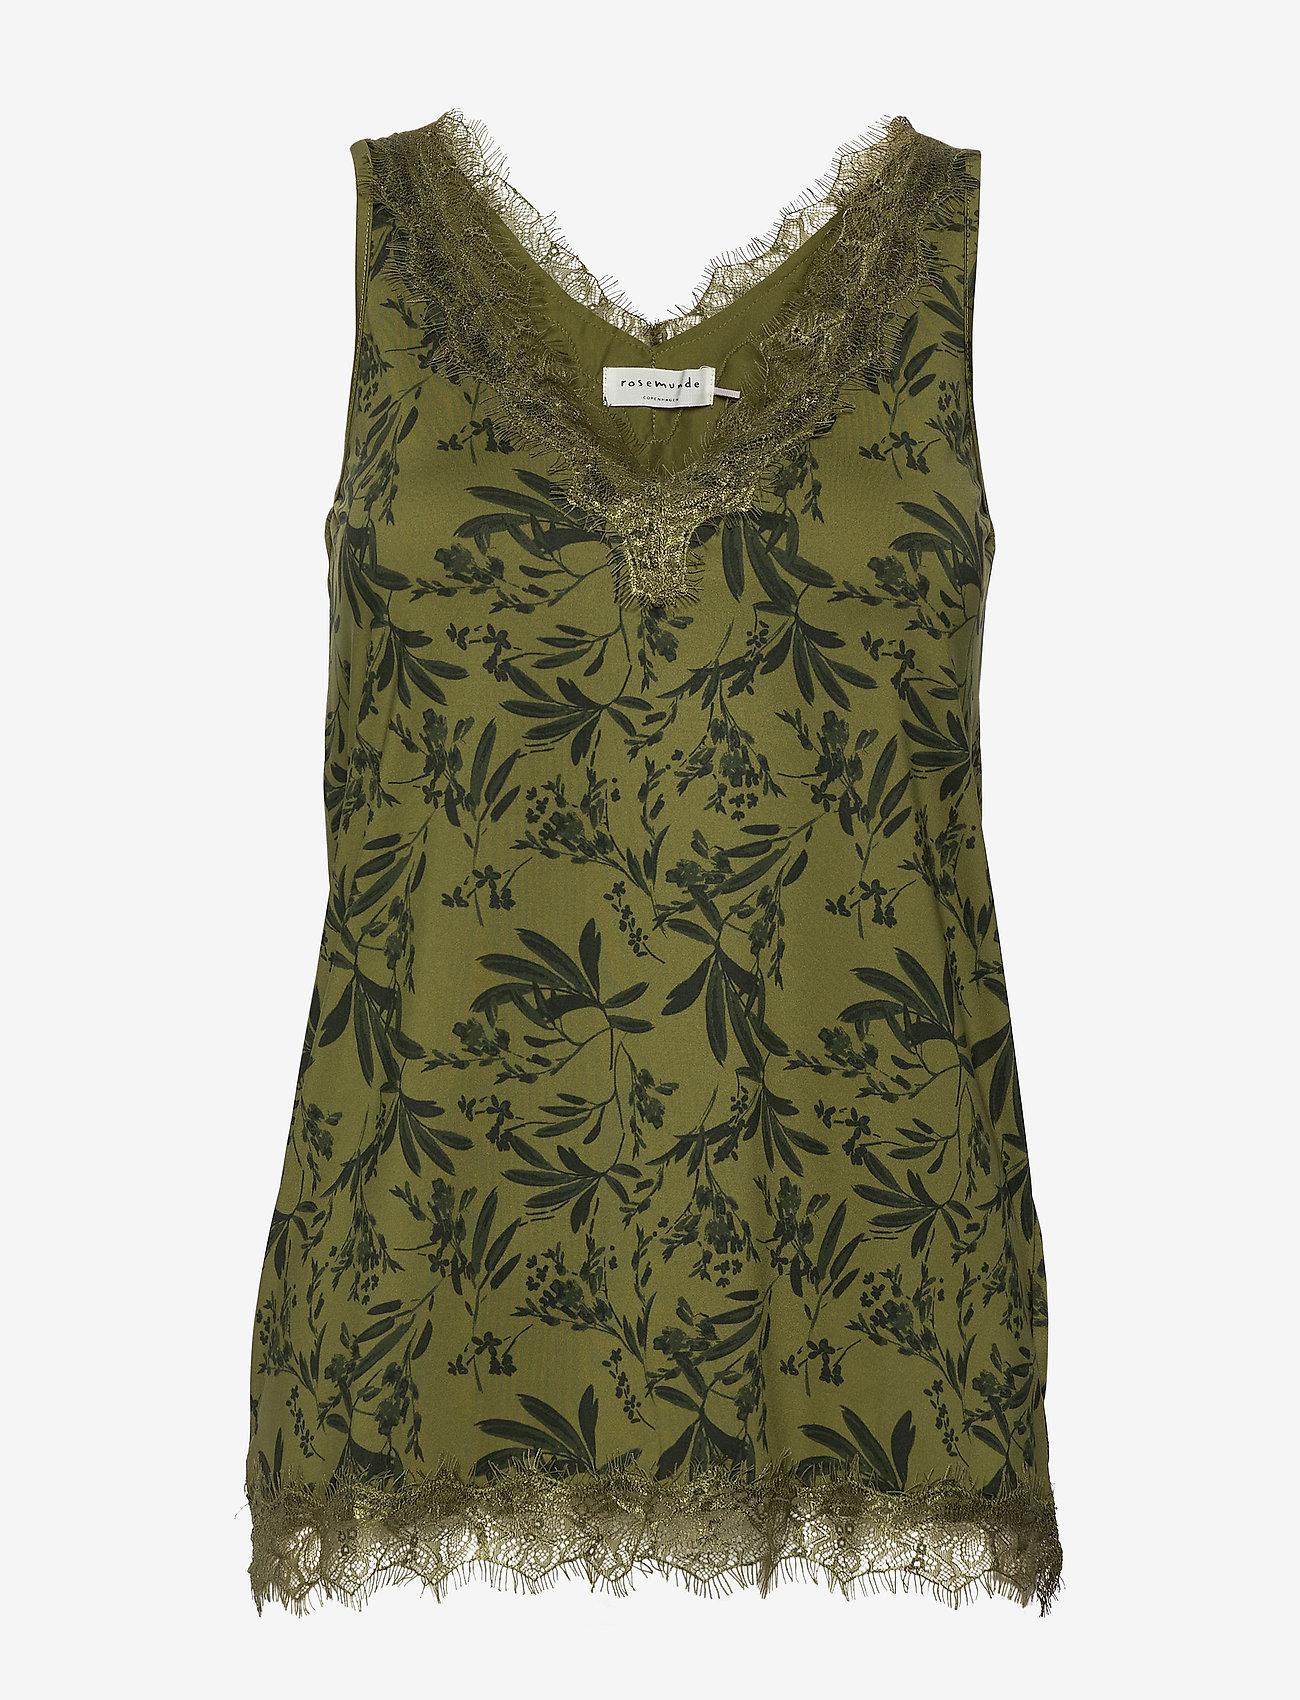 Rosemunde - Top - bluzki bez rękawów - green small leaf print